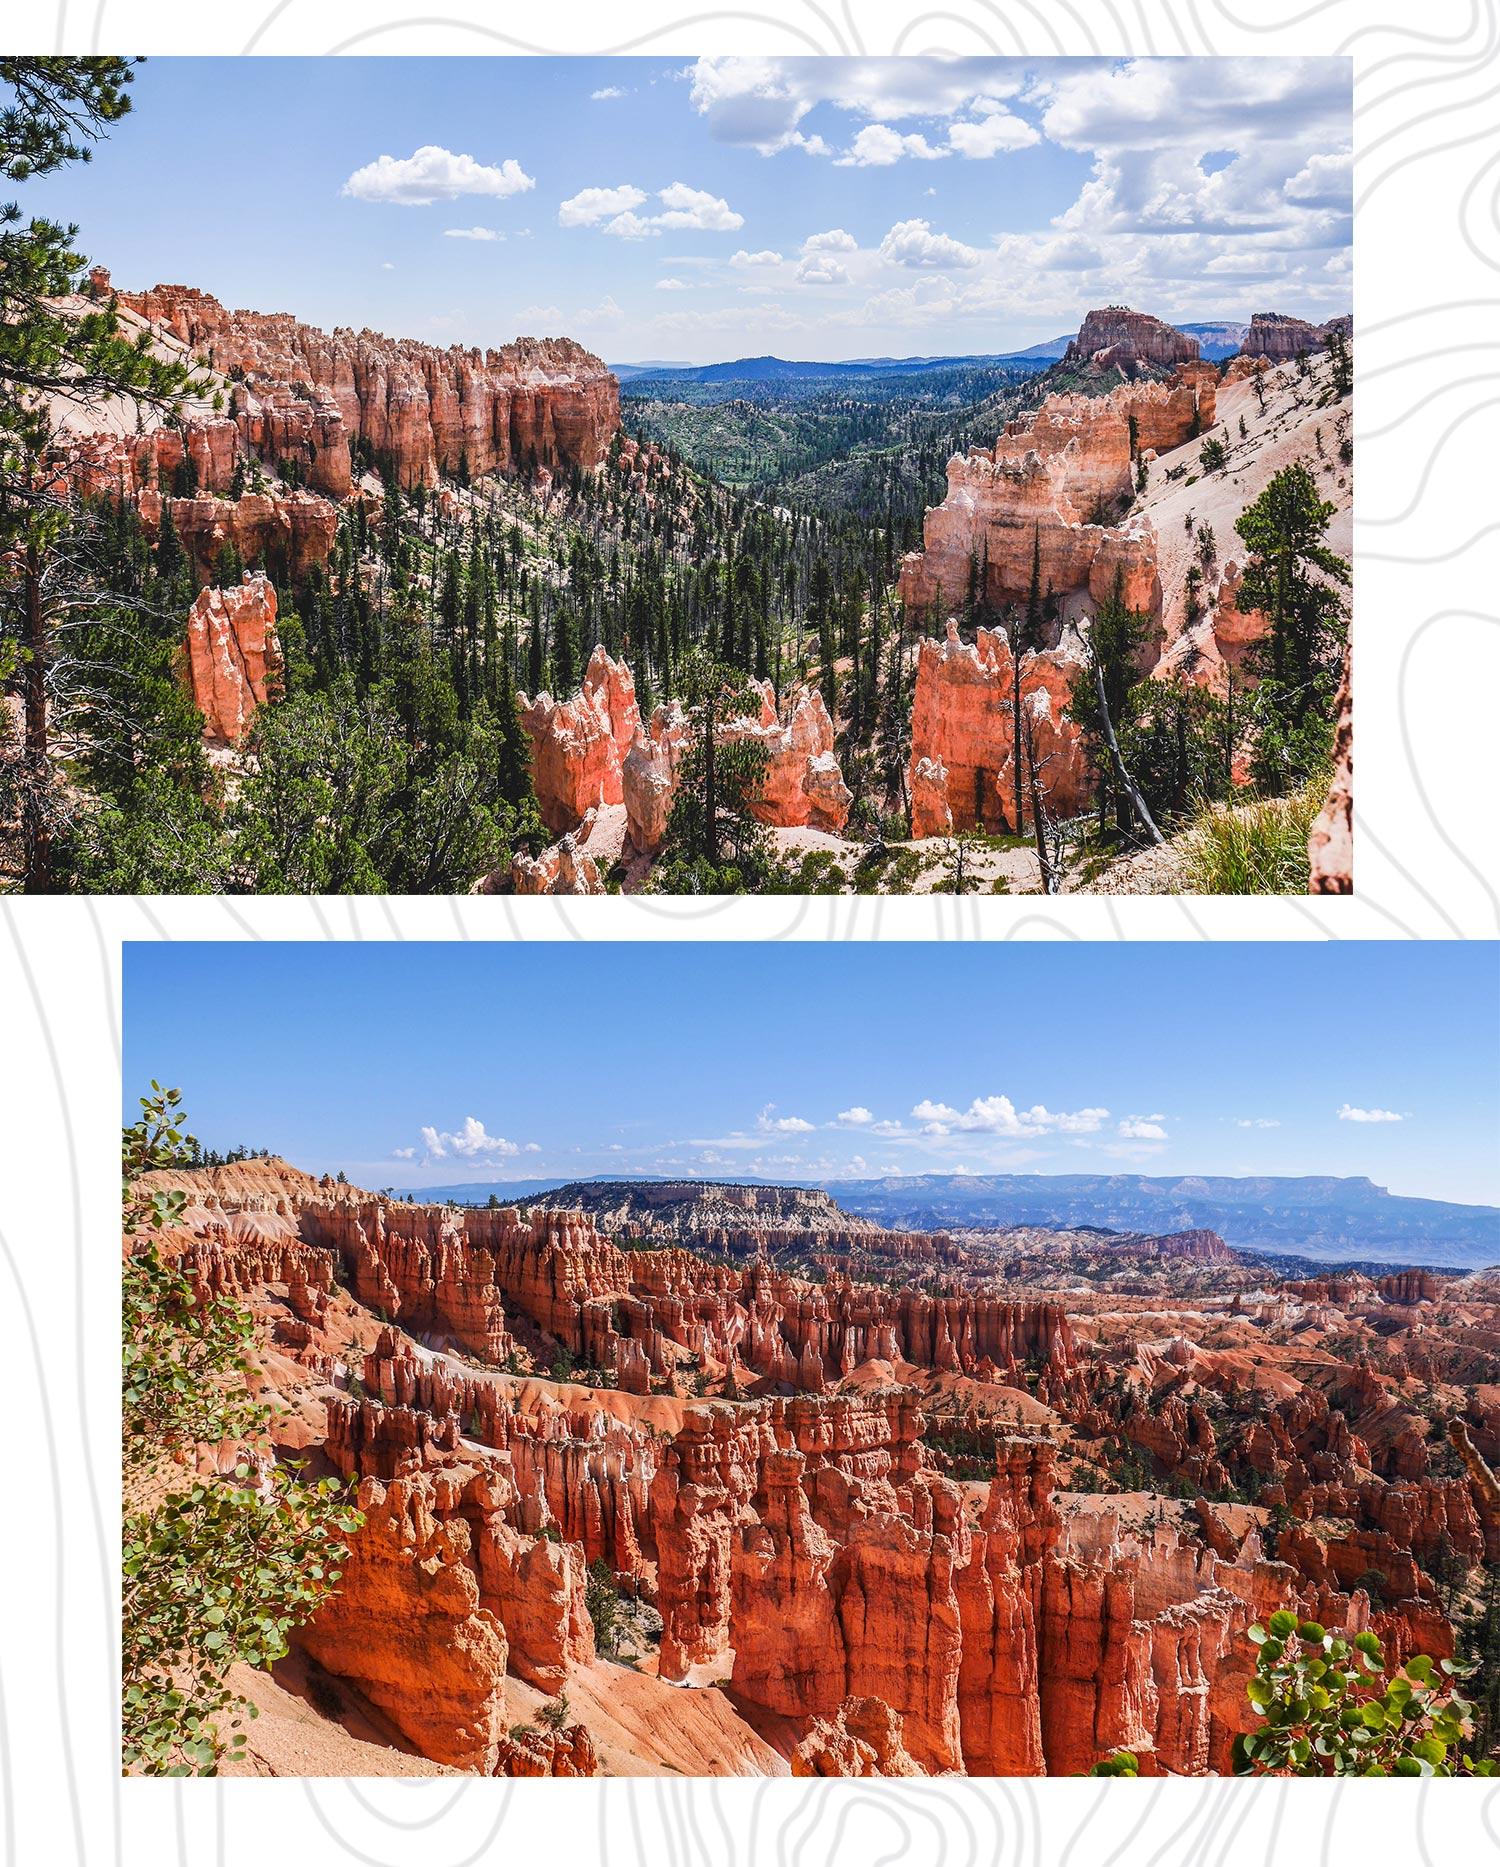 Admirer les Hoodoos de Bryce Canyon National Park en une journée pendant votre road trip dans l'Ouest américain